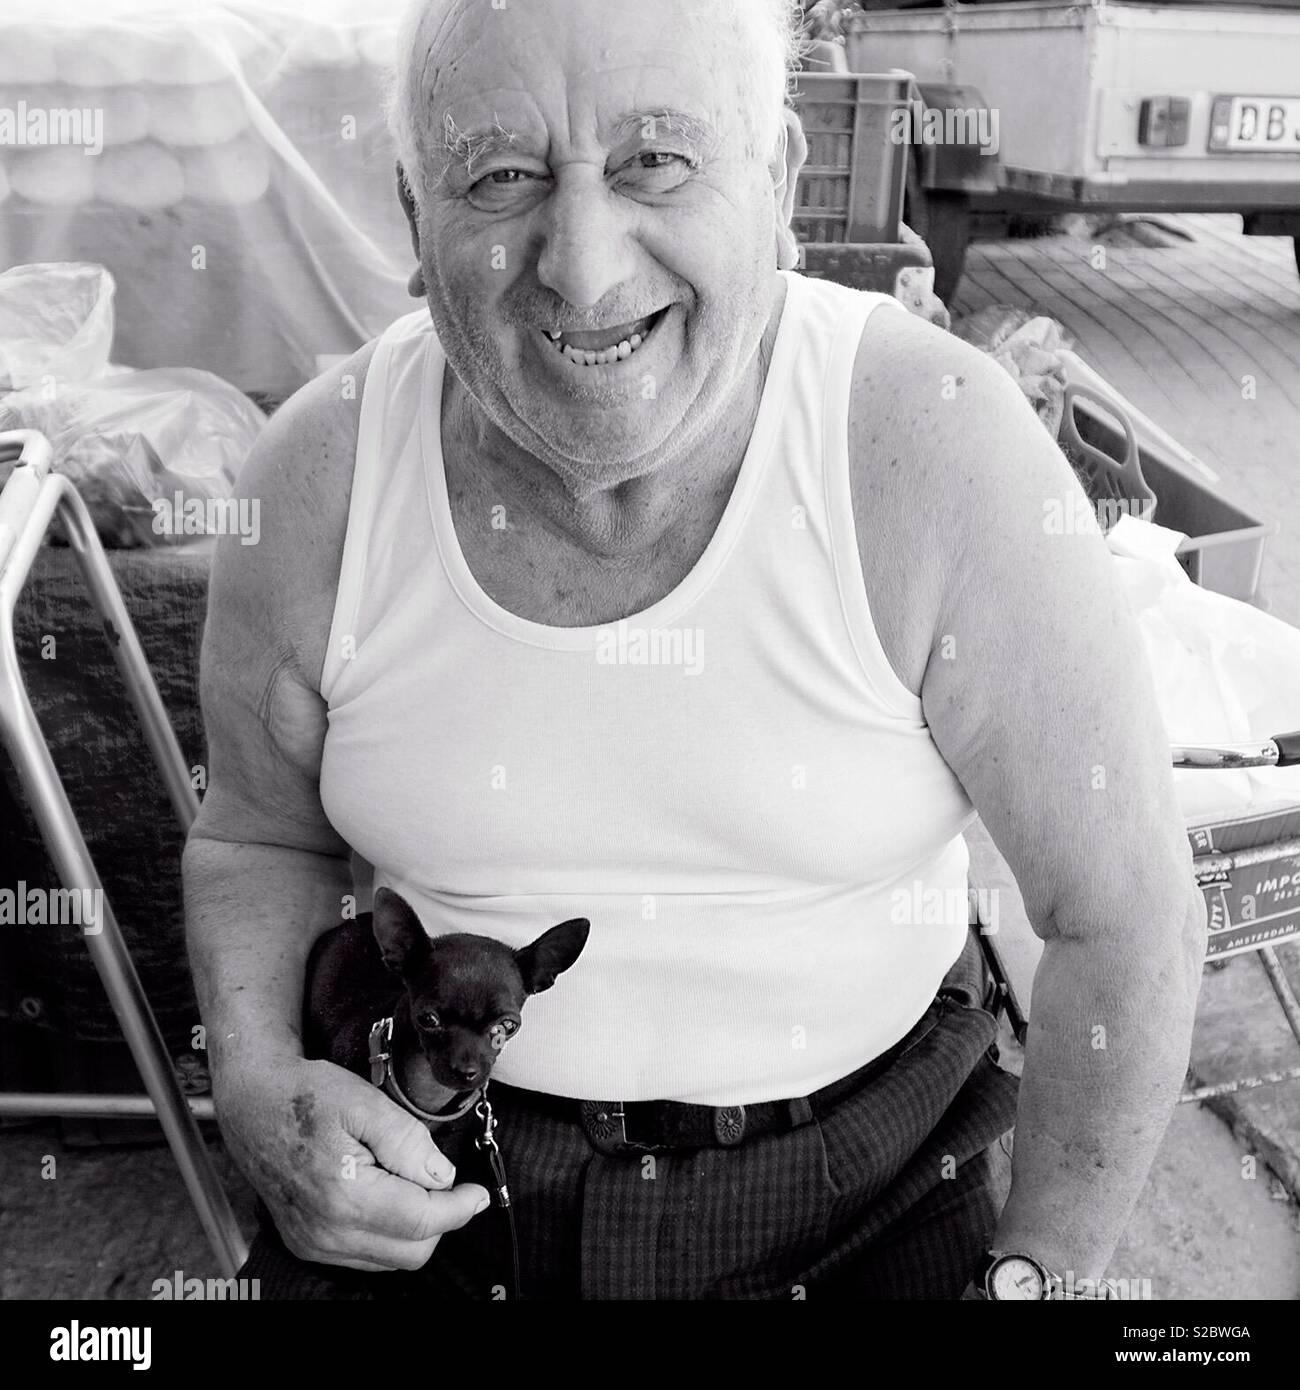 Ritratto di un vecchio in un bianco Gilet di ridere con la sua chihuahua sul suo giro in Malta Immagini Stock